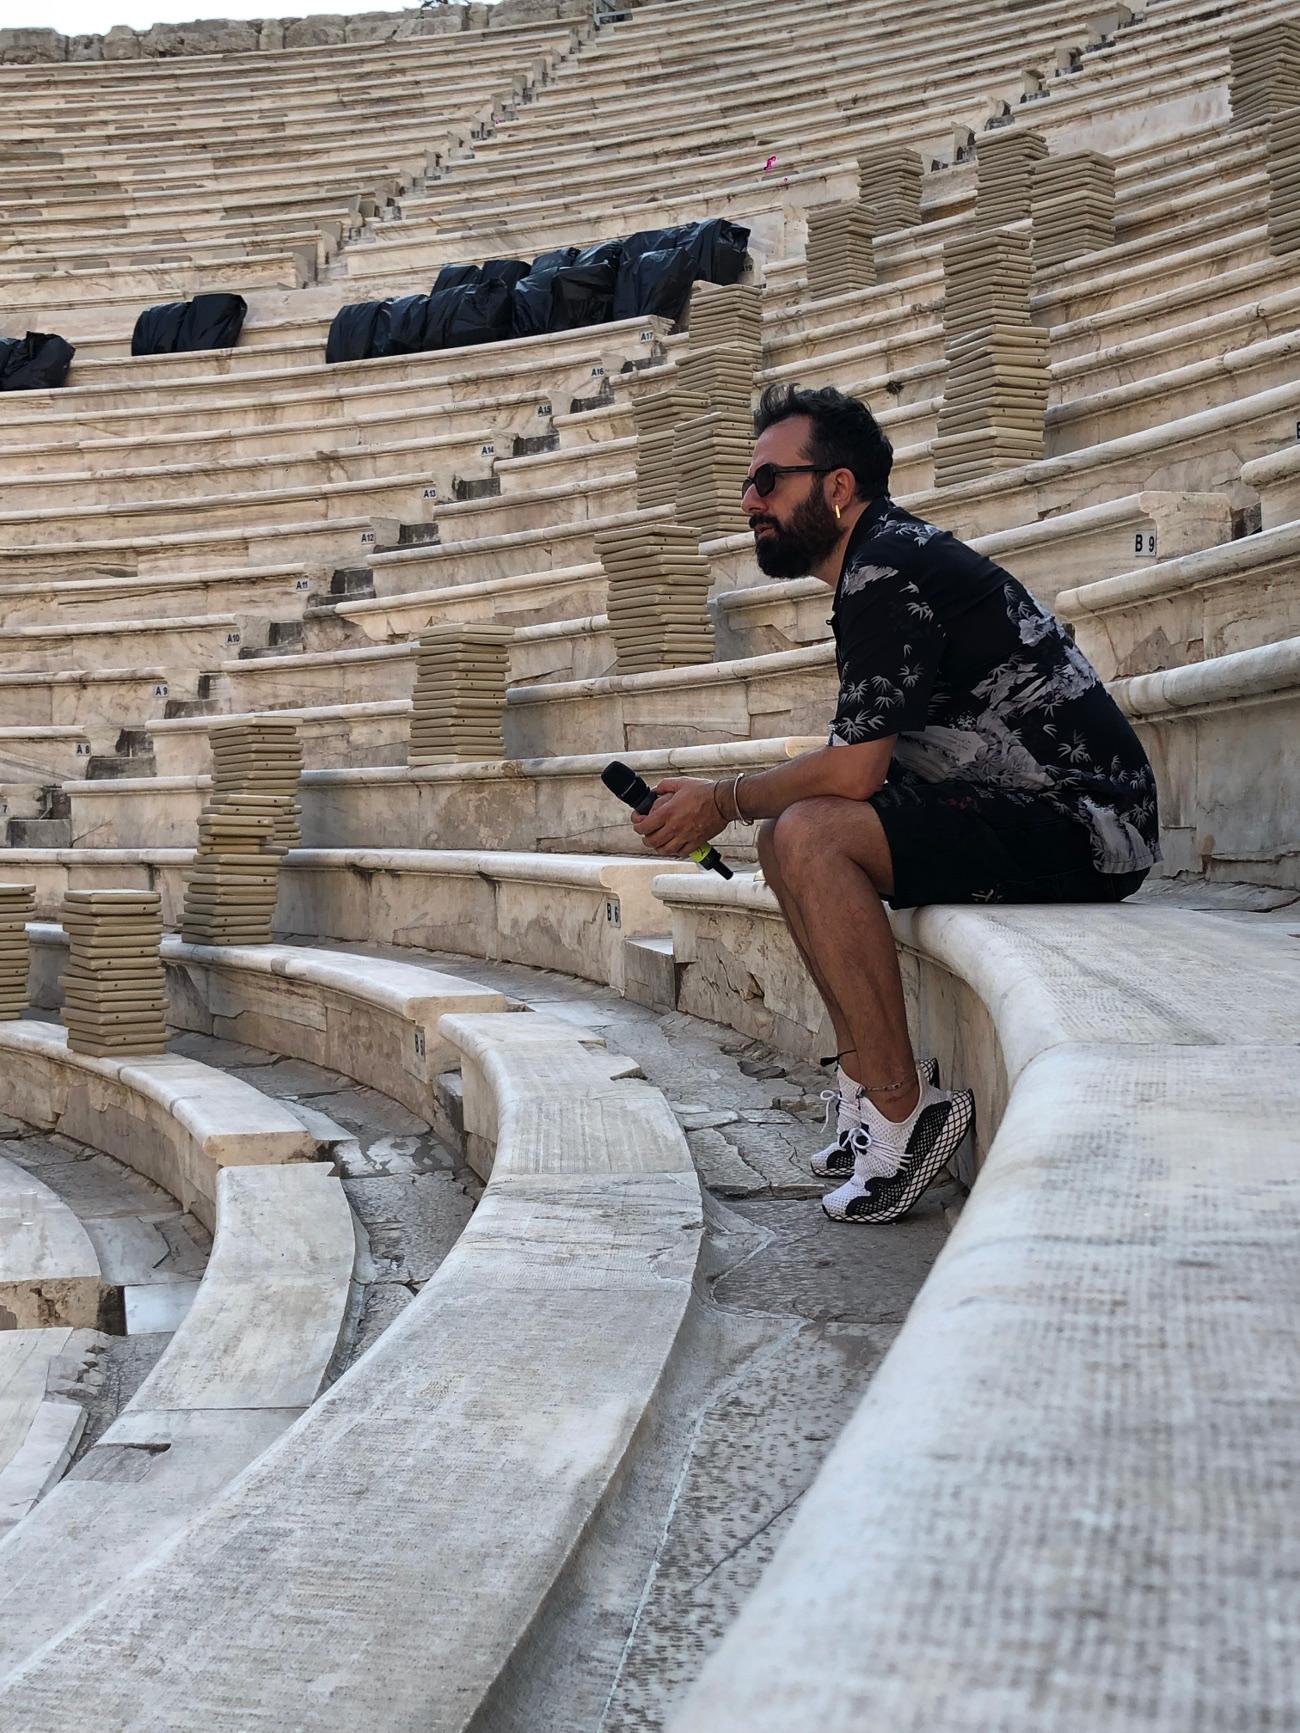 Ο σκηνοθέτης Κωνσταντίνος Ρήγος, απόγευμα Πέμπτης στην πρώτη πρόβα της Τραβιάτας μέσα στο Ηρώδειο